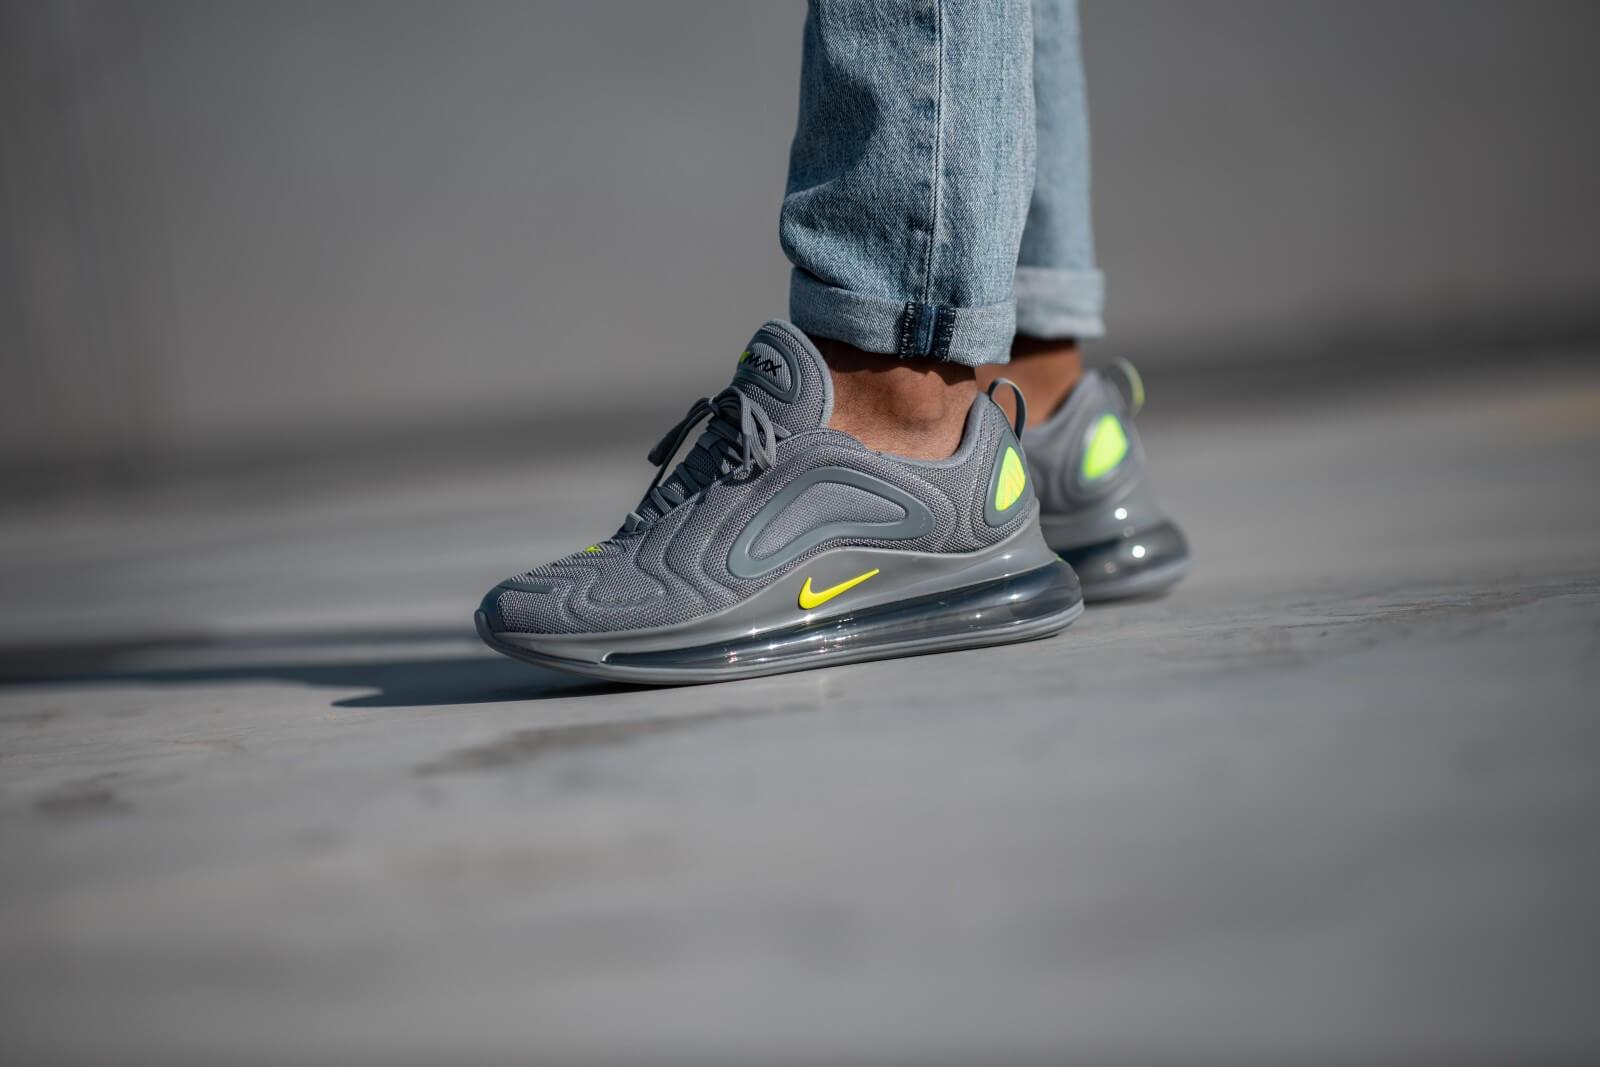 Nike Air Max 720 Cool GreyVolt CT2204 001